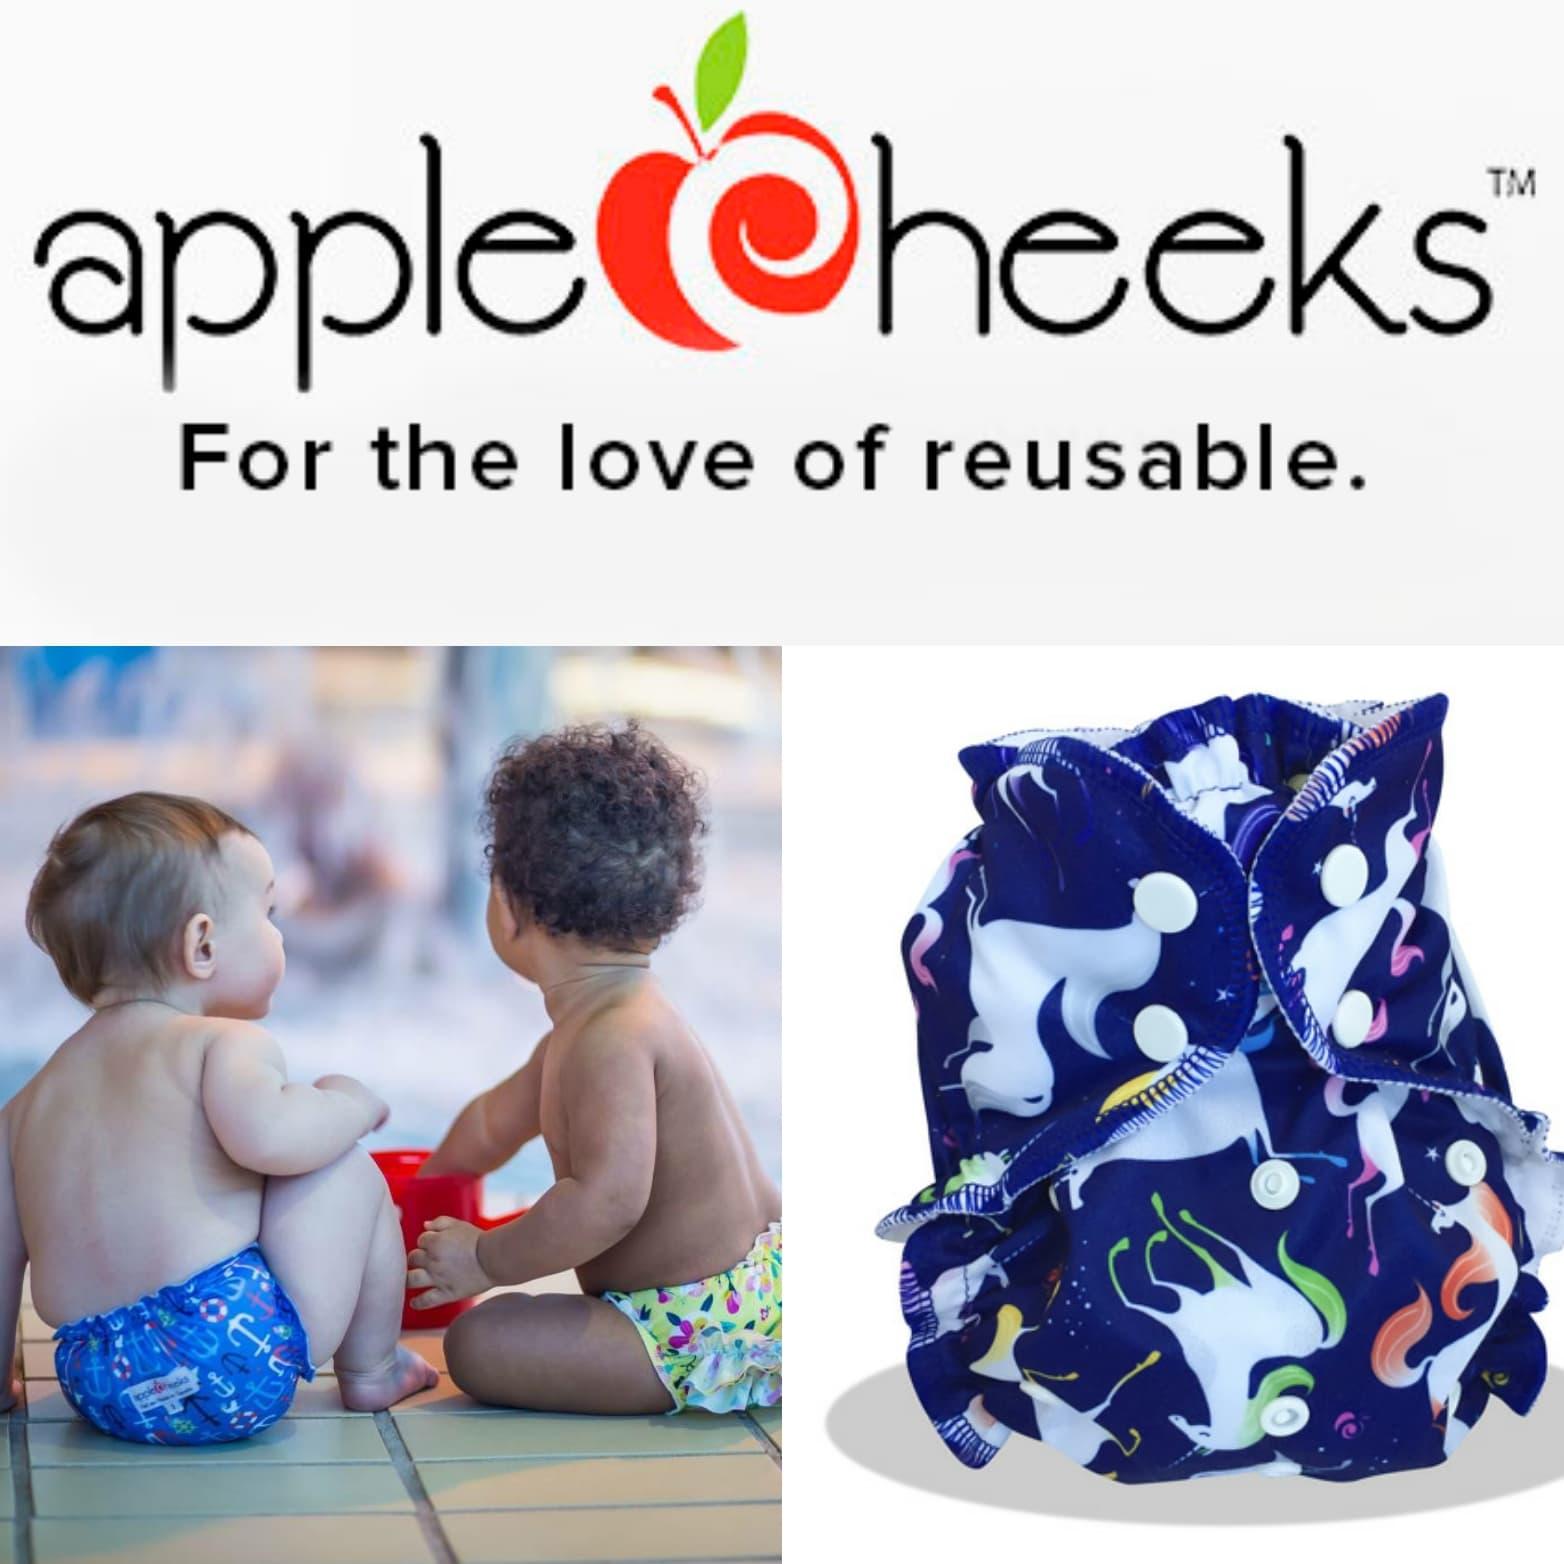 Apple Cheeks